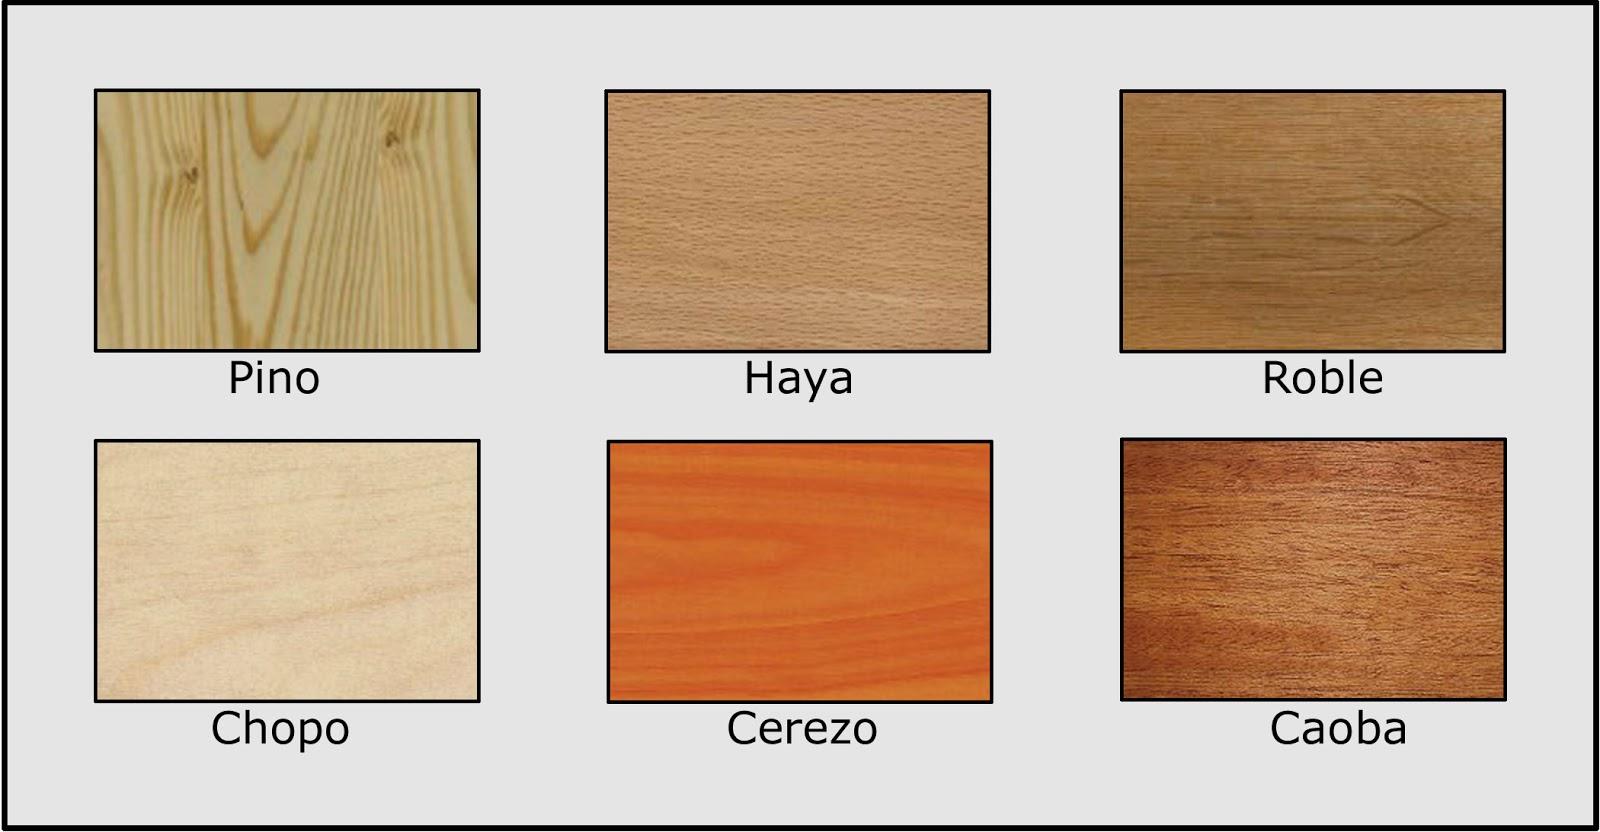 La ebanister a tipos de madera para construccion y for Tipos de muebles de madera